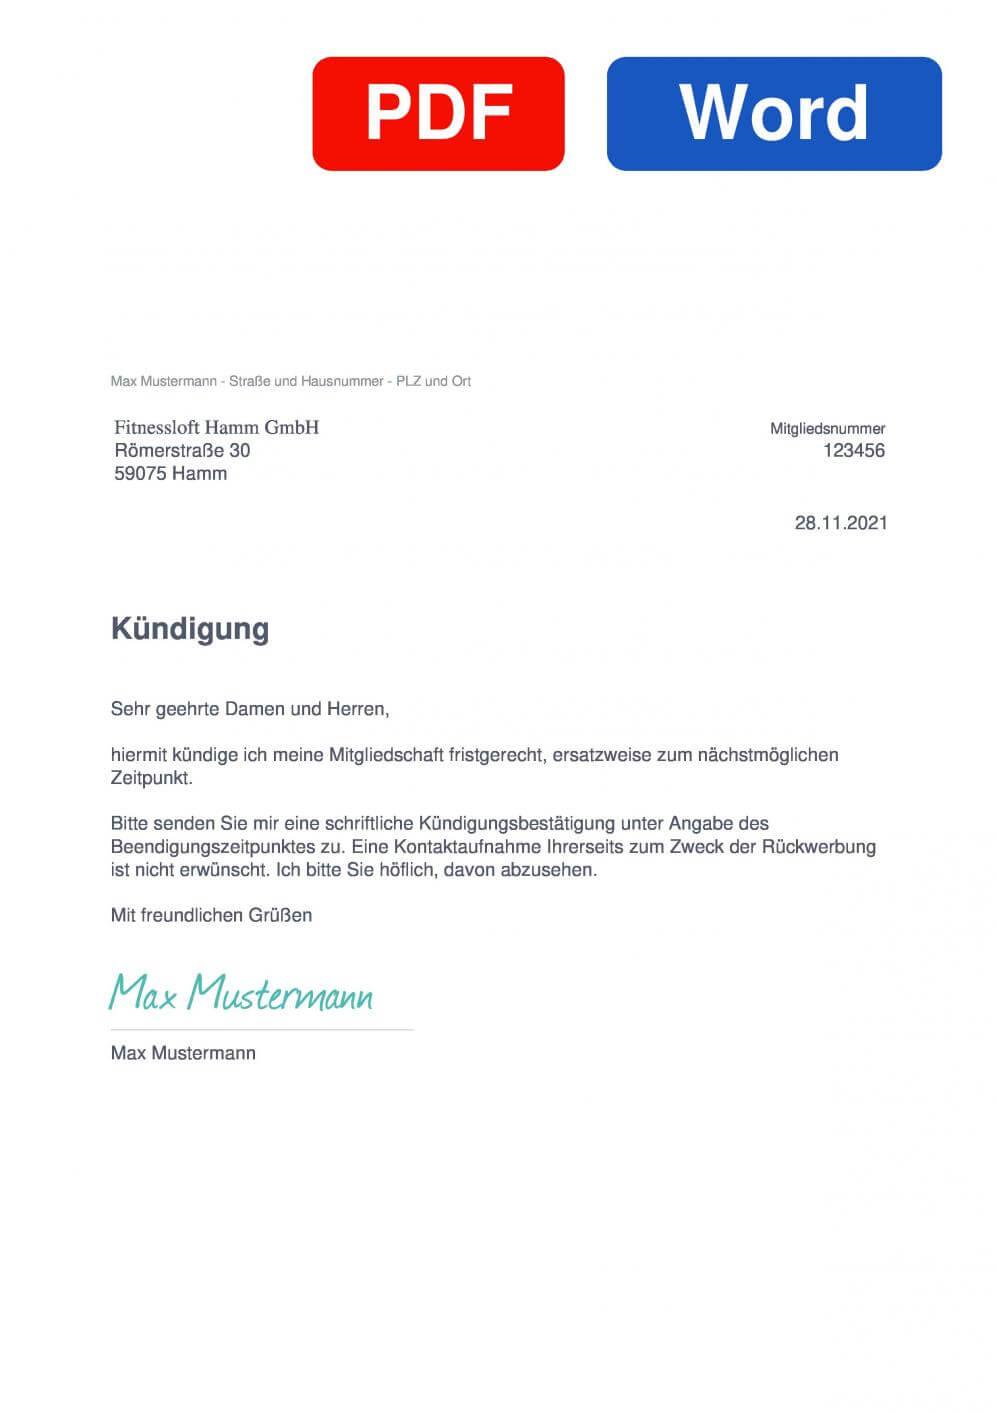 FitnessLOFT Hamm Muster Vorlage für Kündigungsschreiben